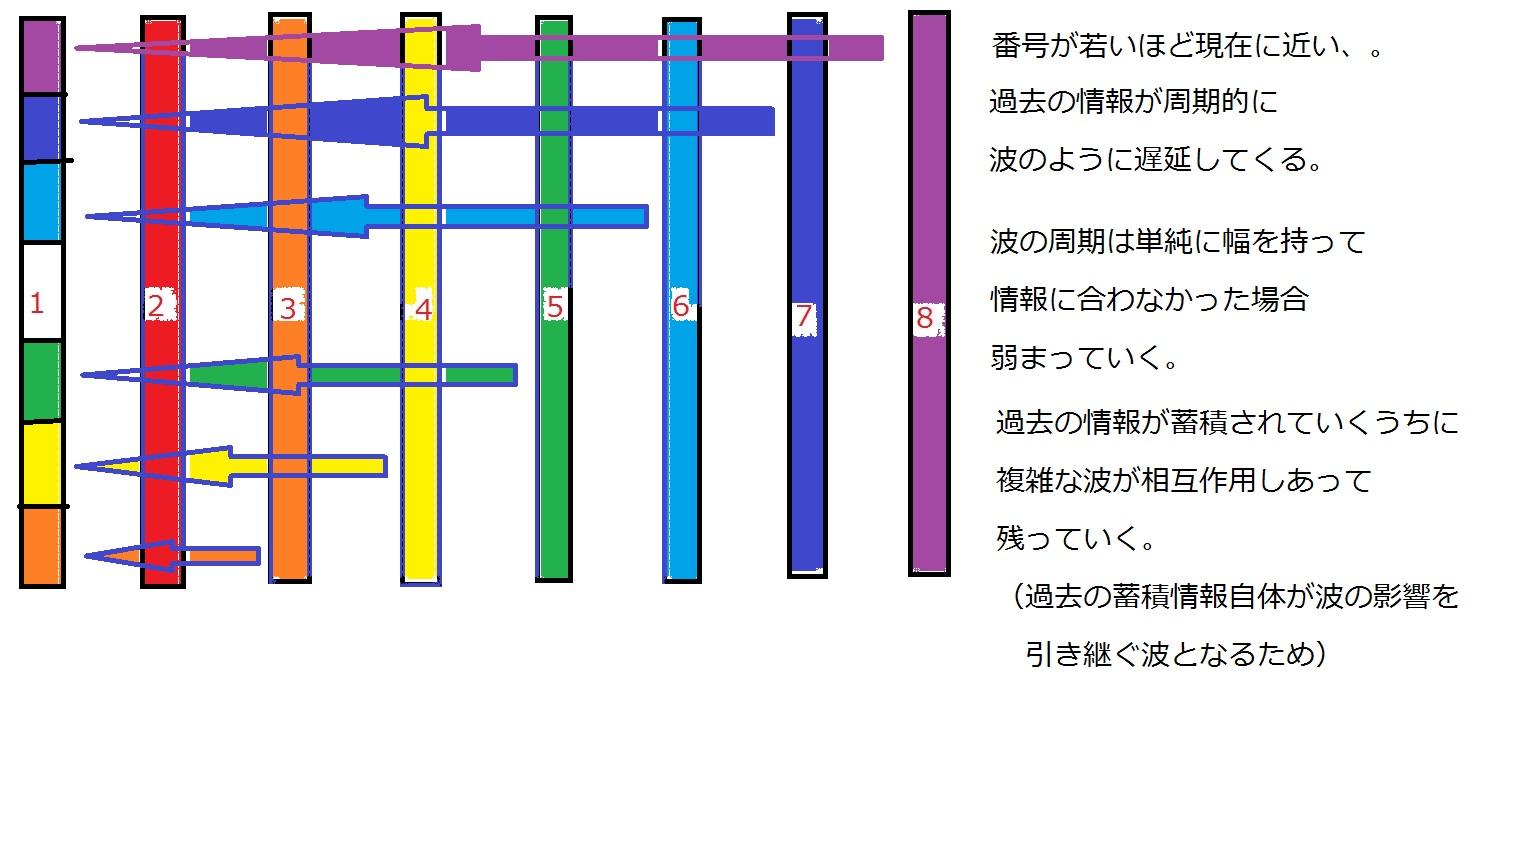 無題.10.jpg